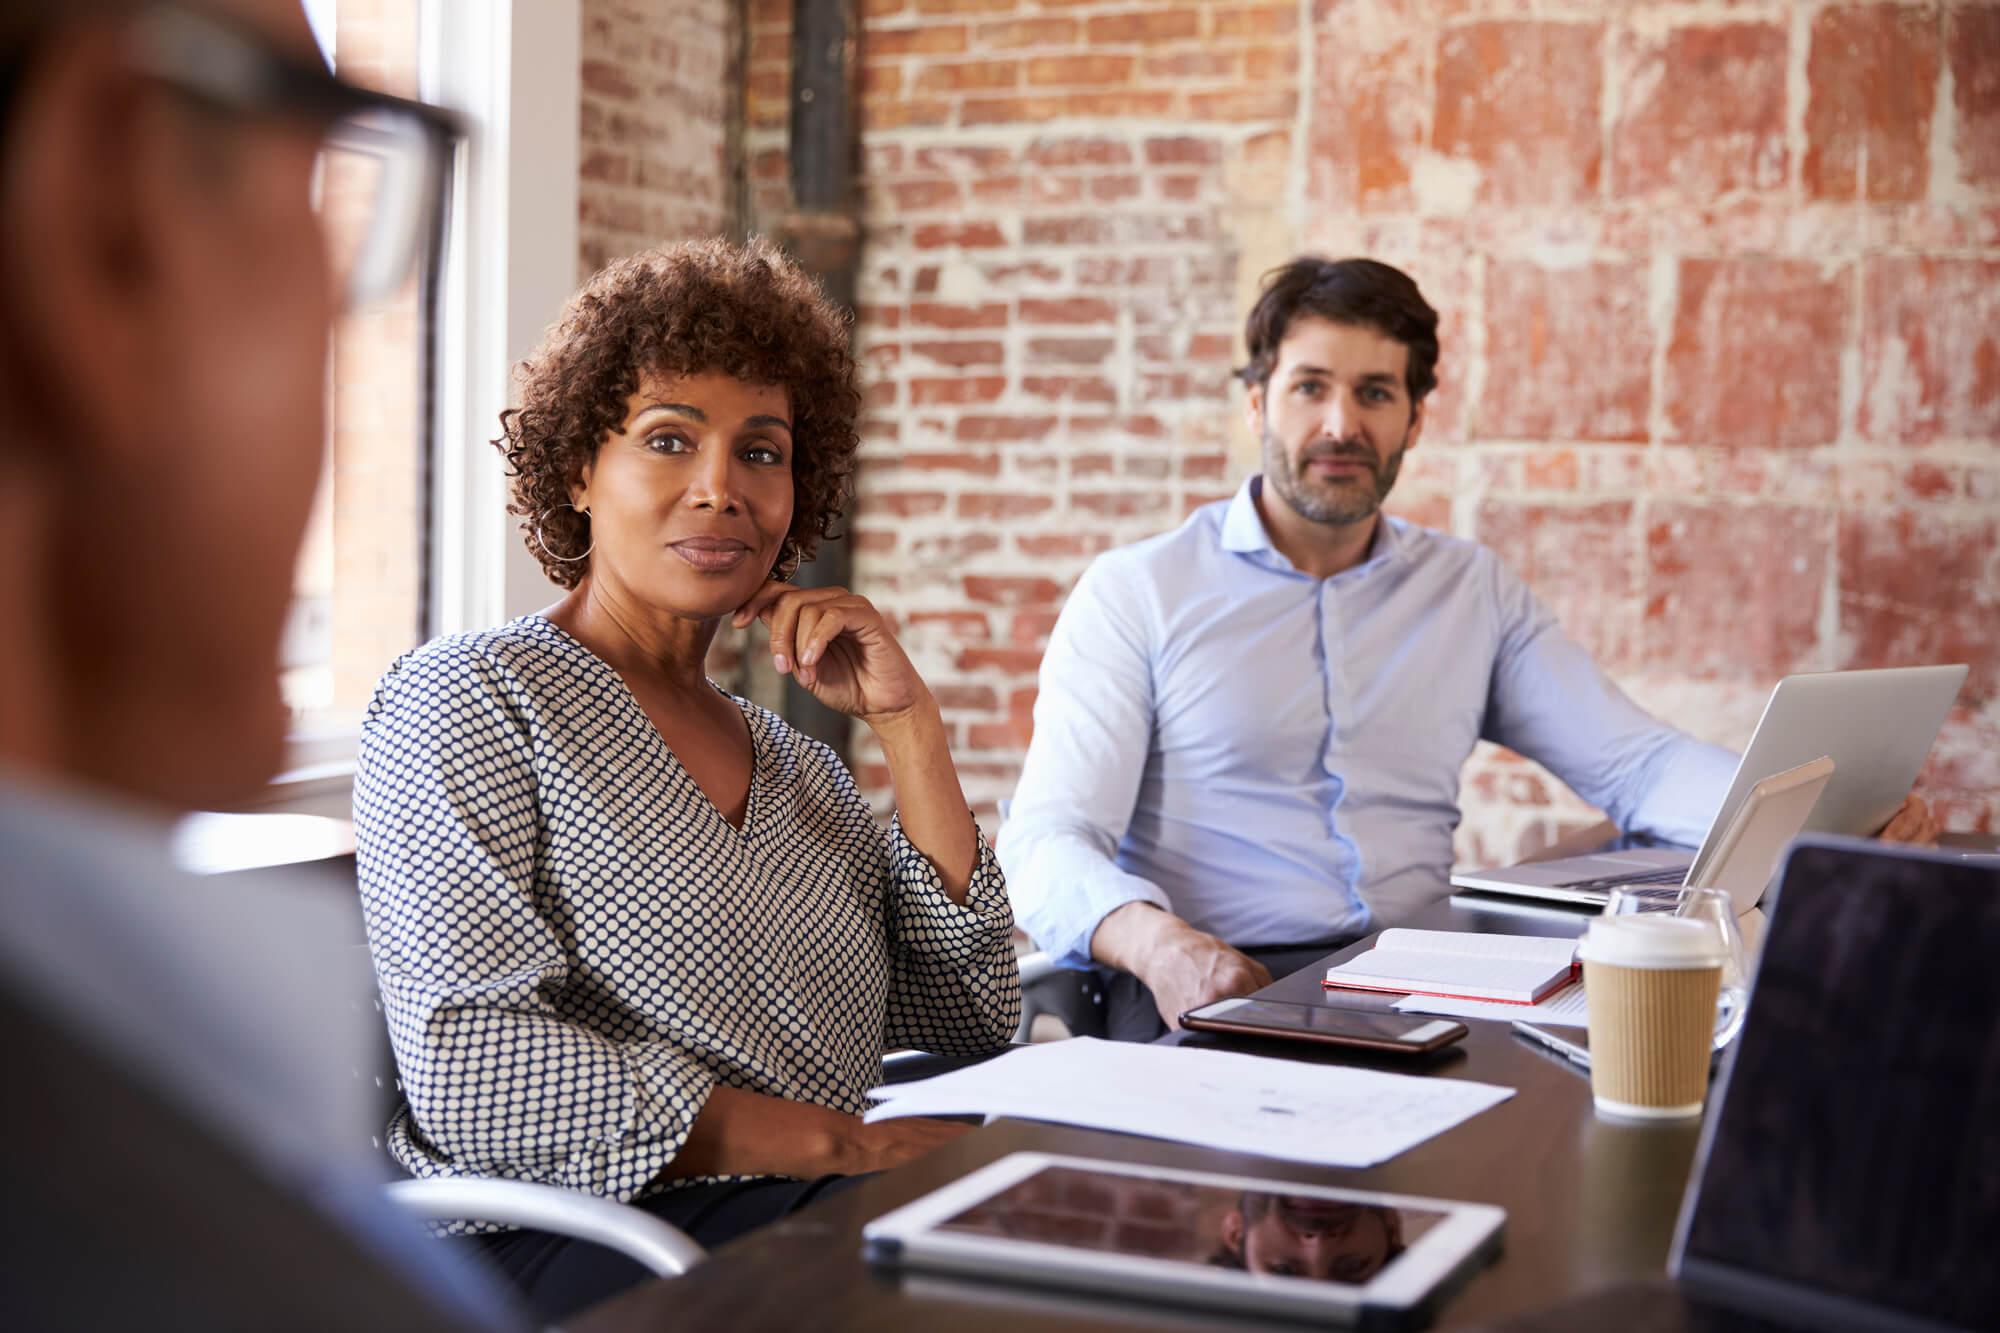 o-impacto-da-comunicacao-no-fortalecimento-da-cultura-organizacional-1.jpg